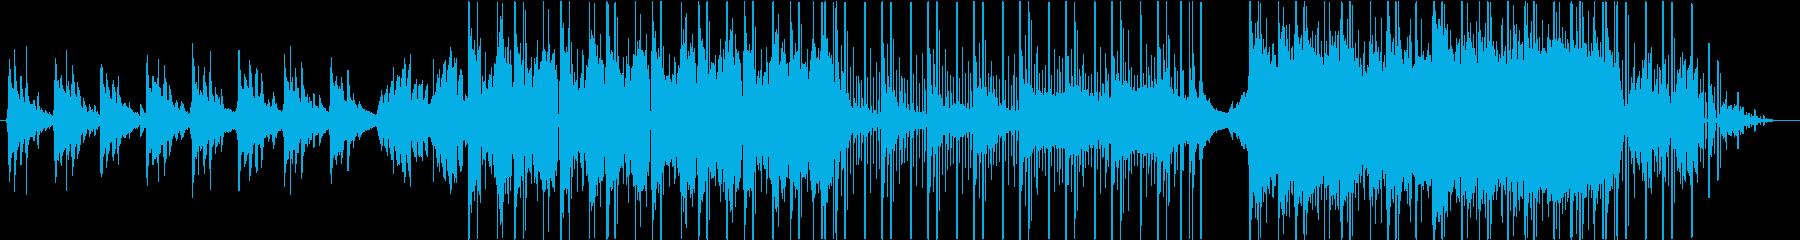 冷たさを表現したLofihiphopの再生済みの波形